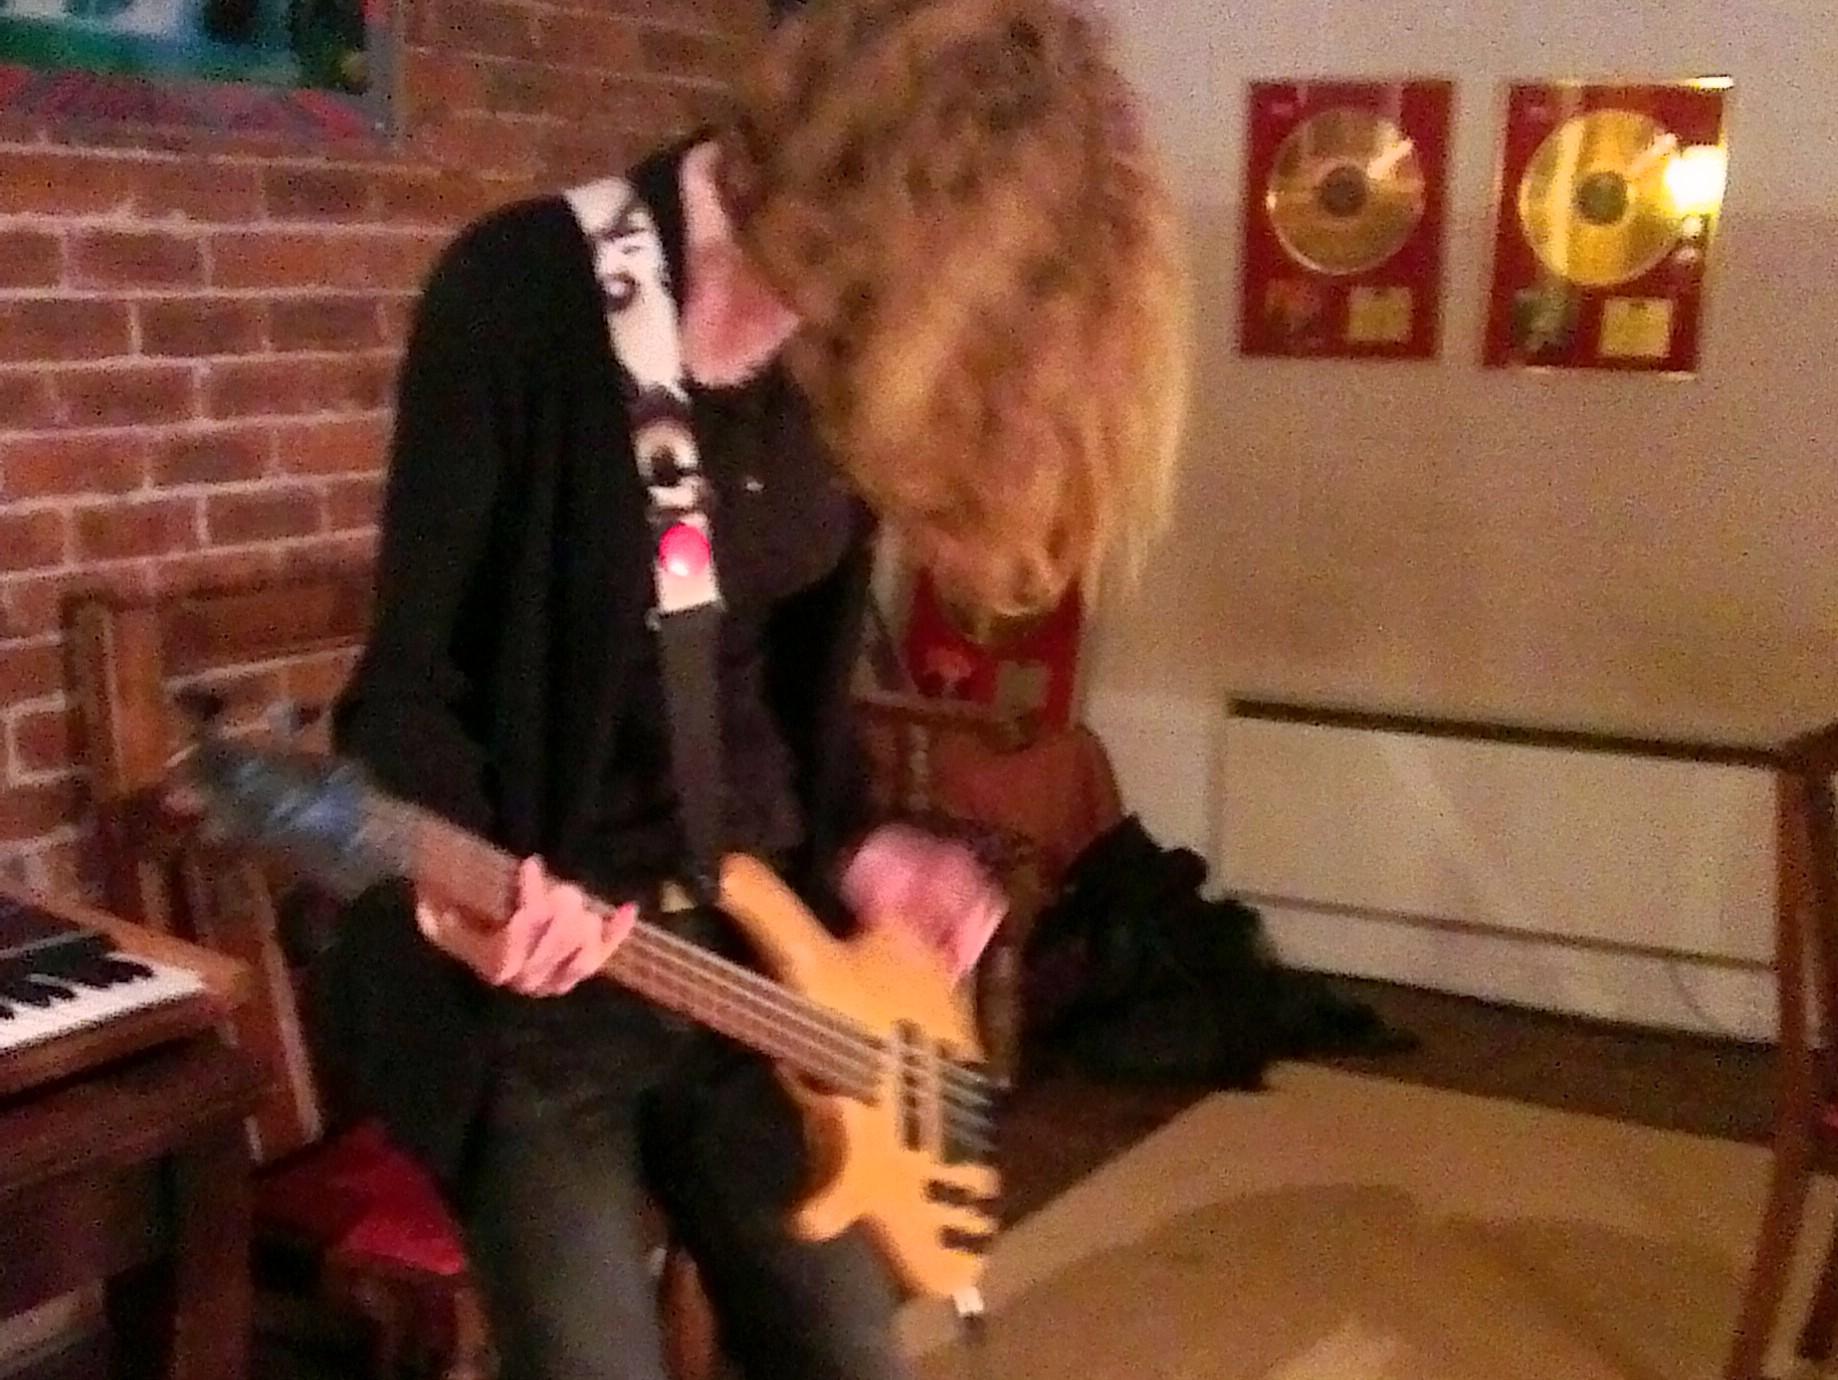 Faye playing bass